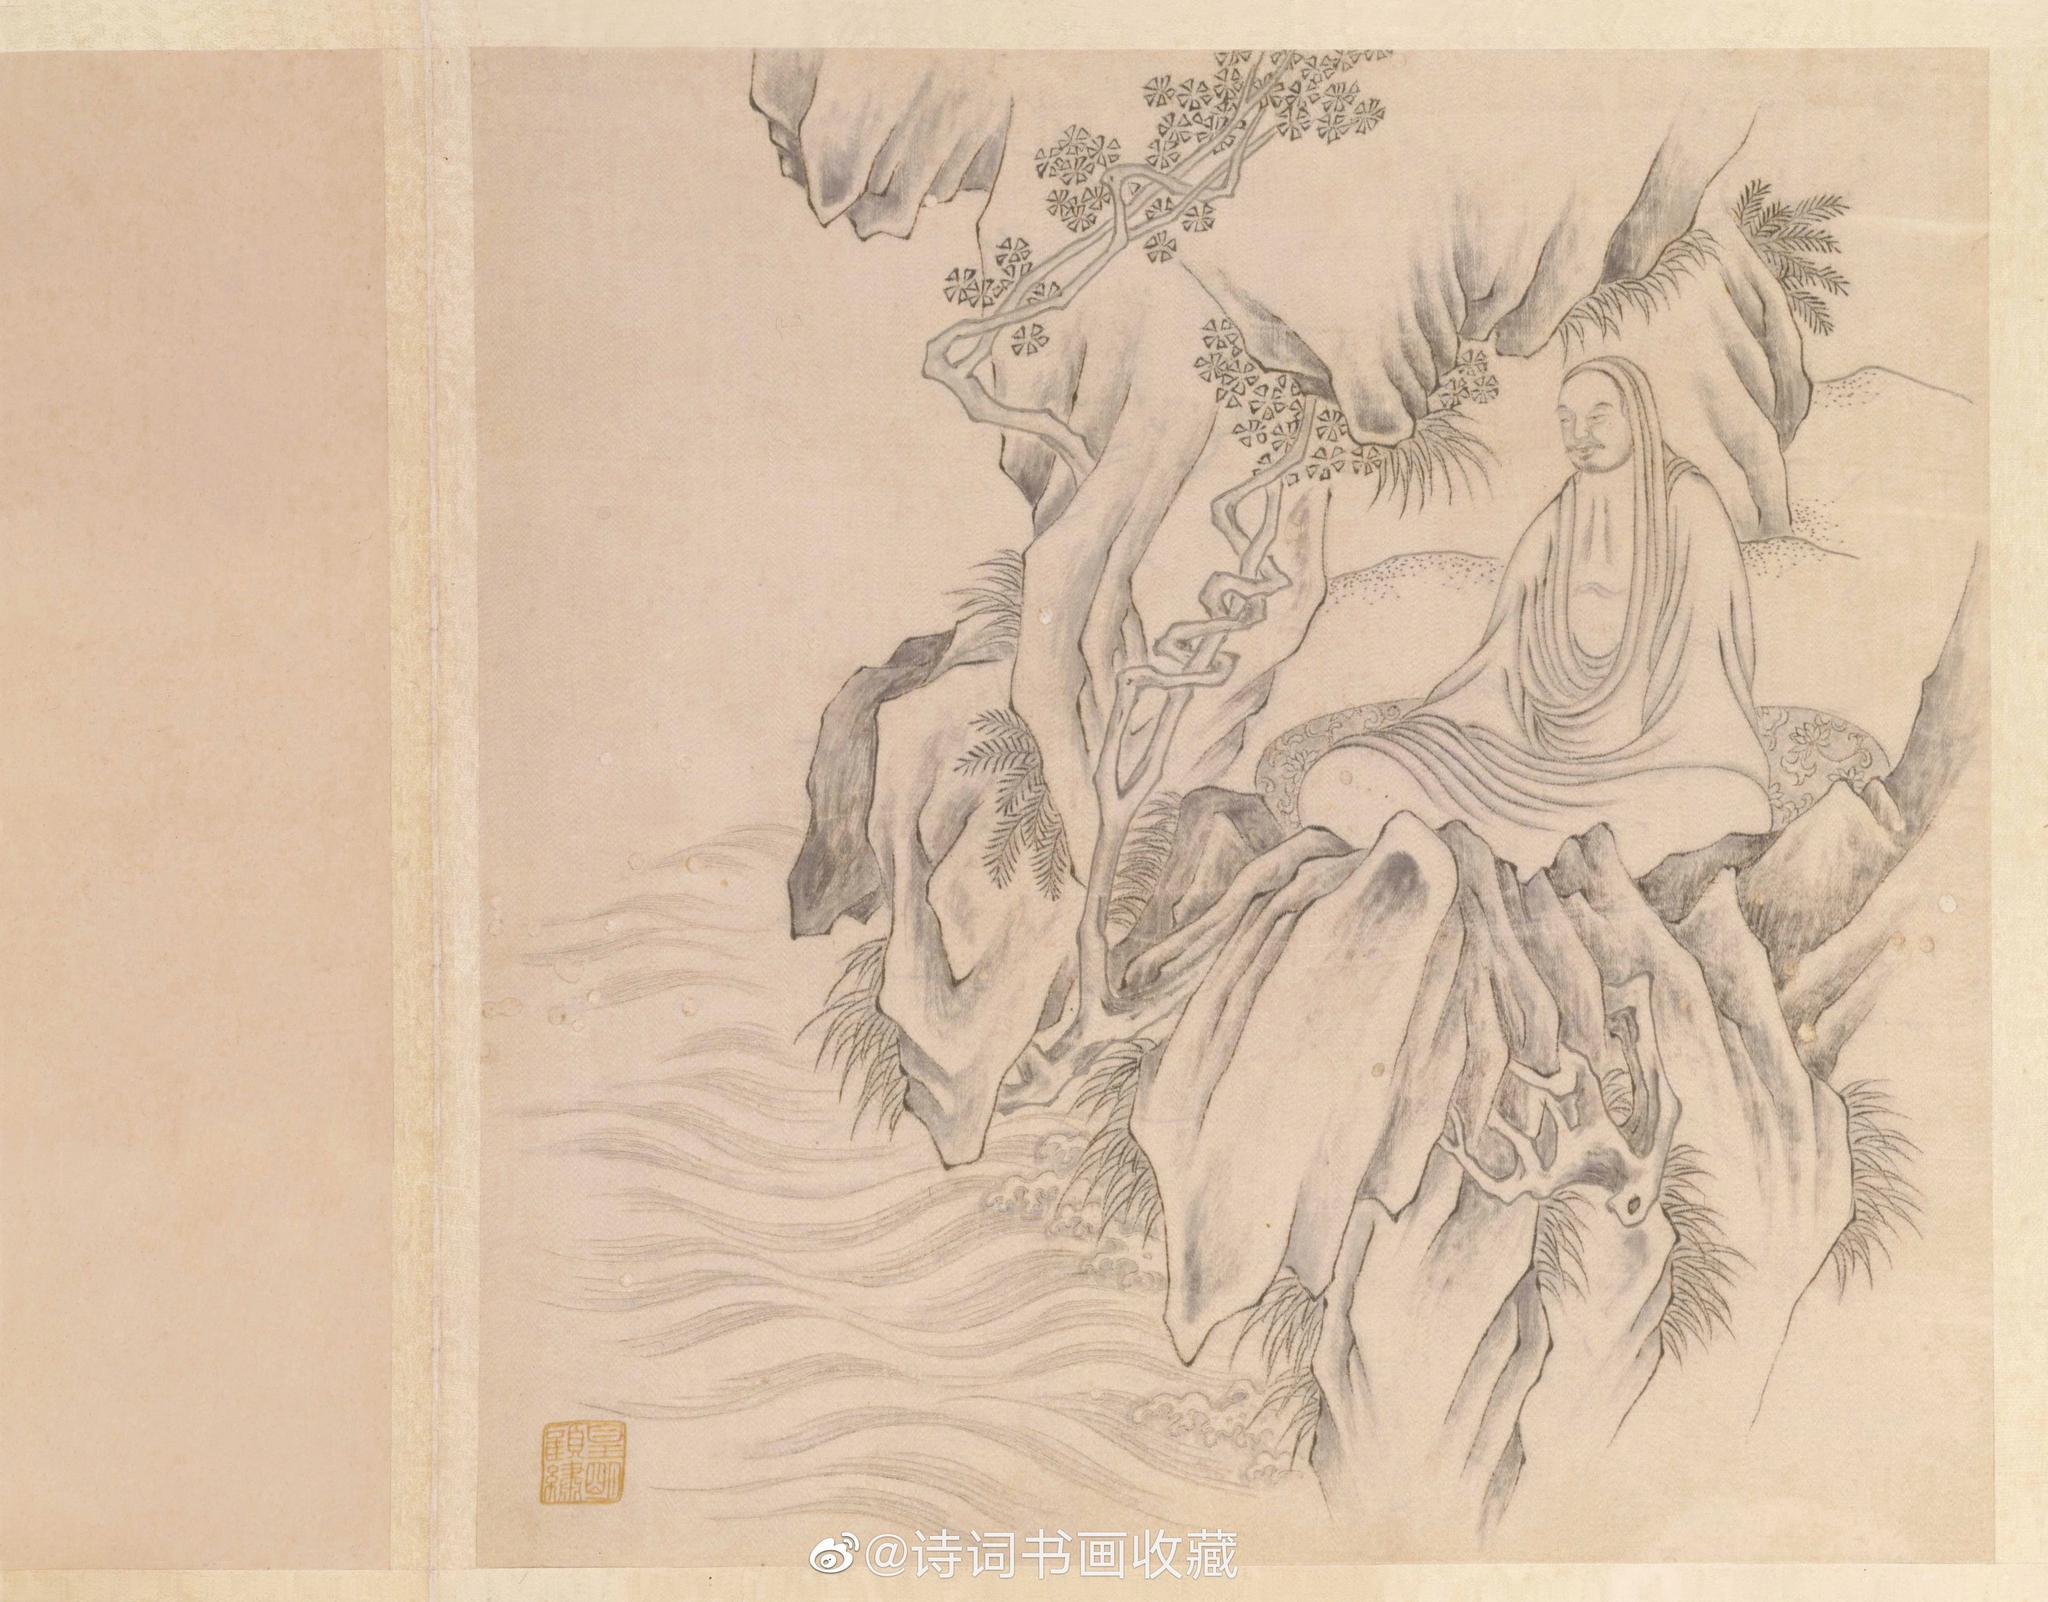 明代顾绣十六应真册,北京故宫博物院藏品